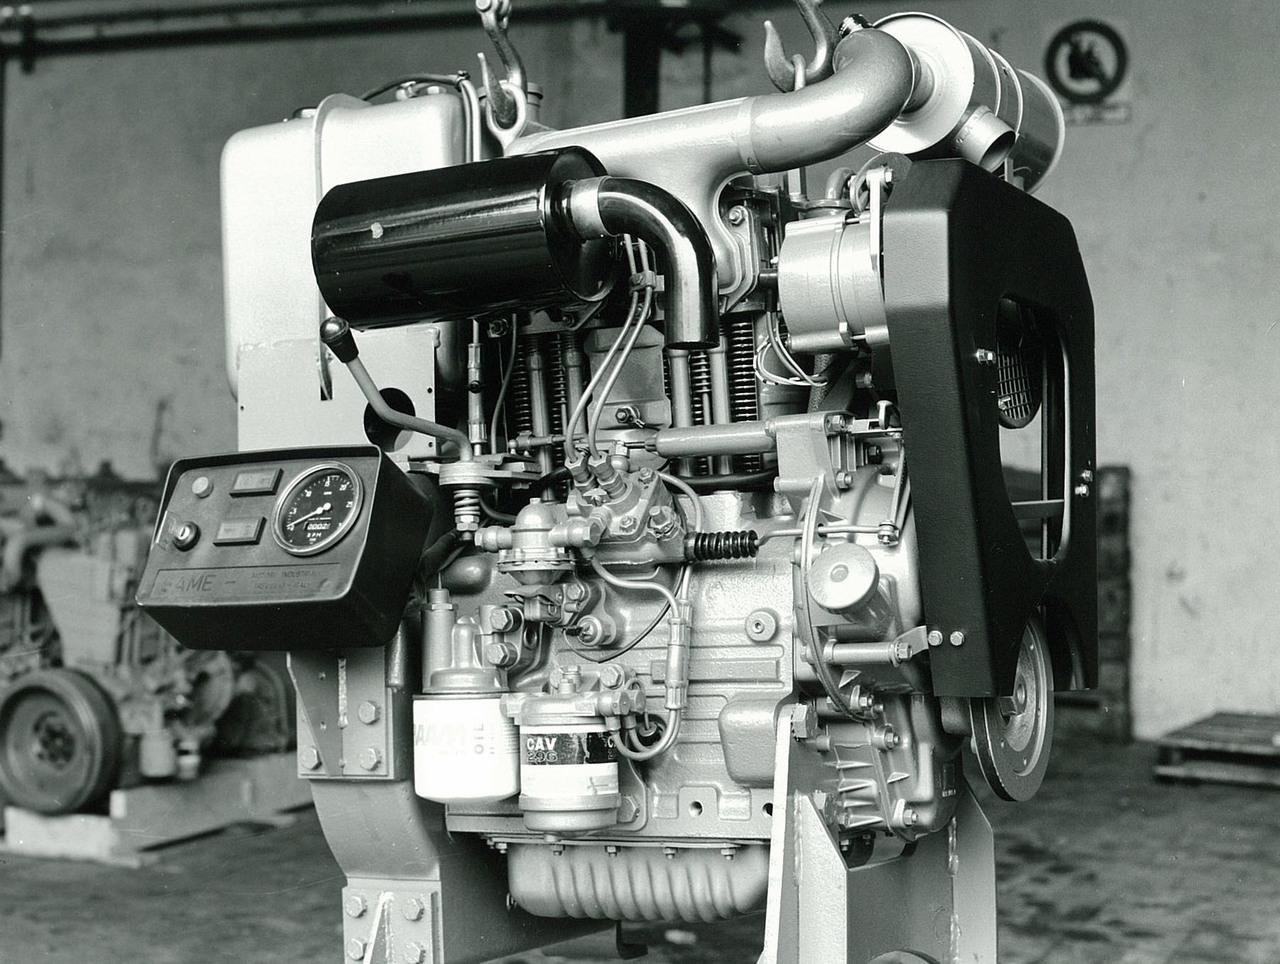 Motore SAME/ADIM serie P per uso industriale - 2 cilindri